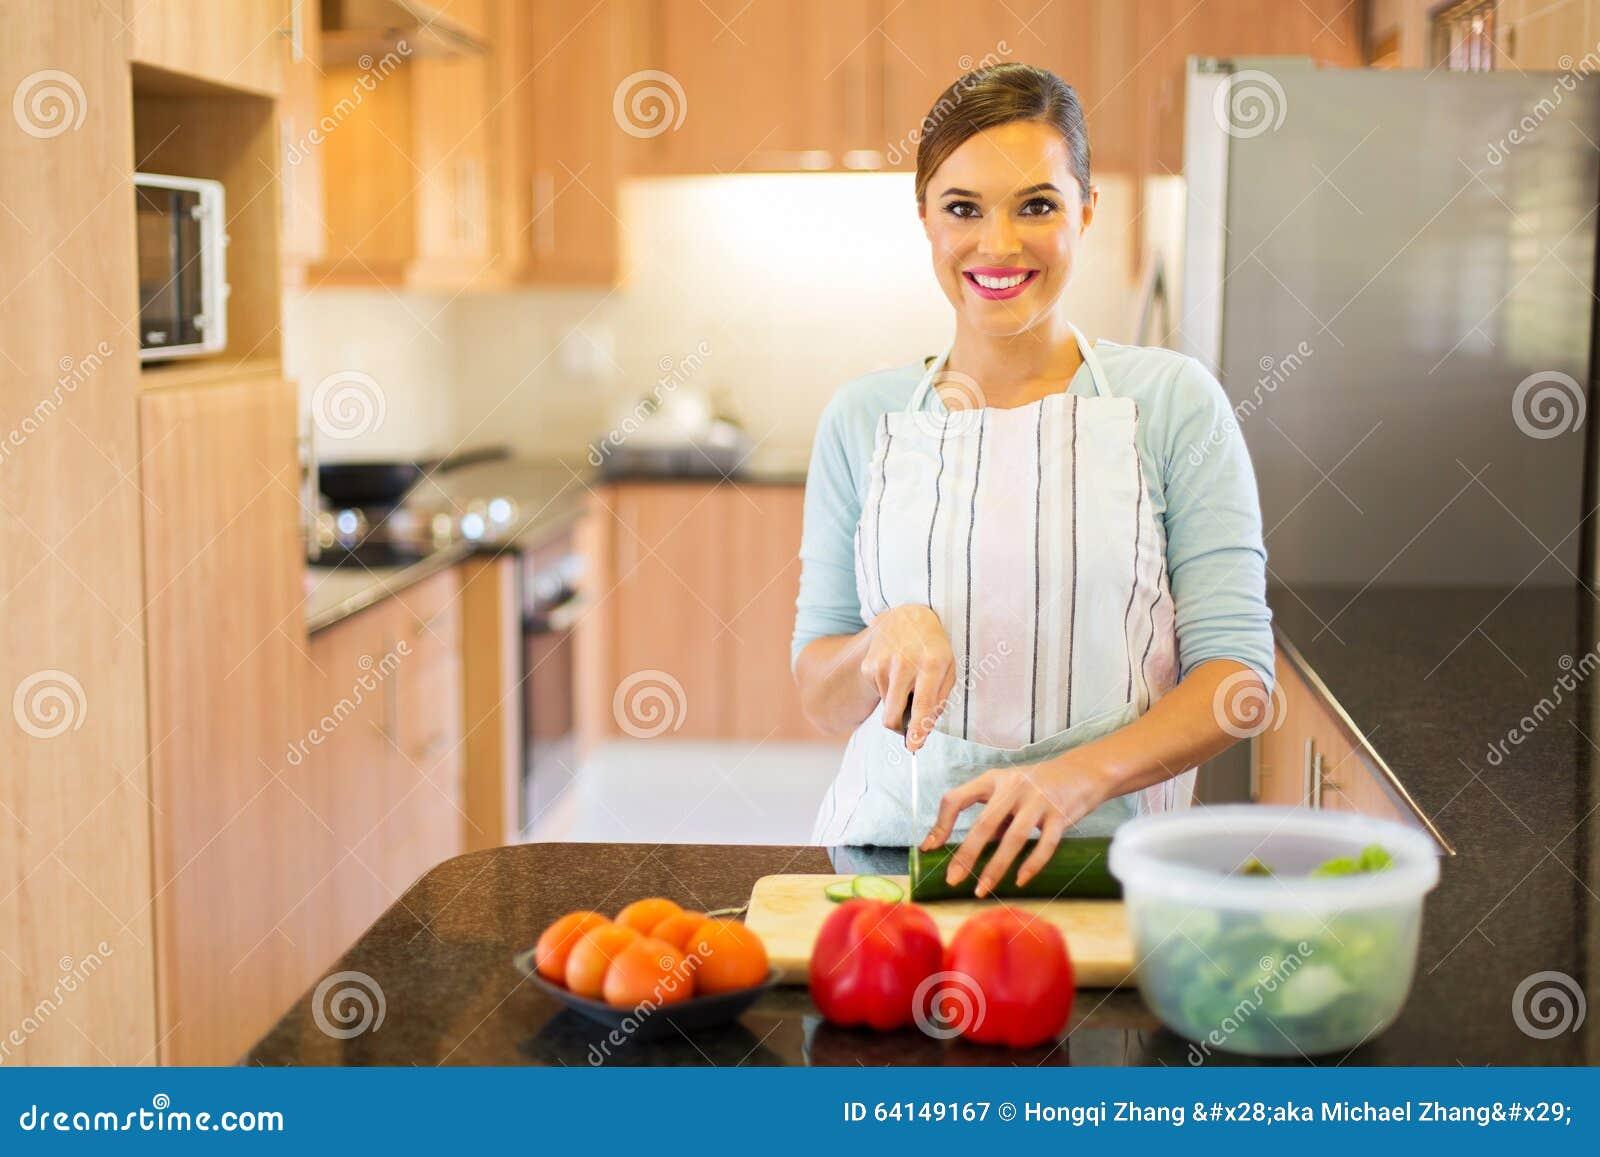 Vrouwen kokend huis